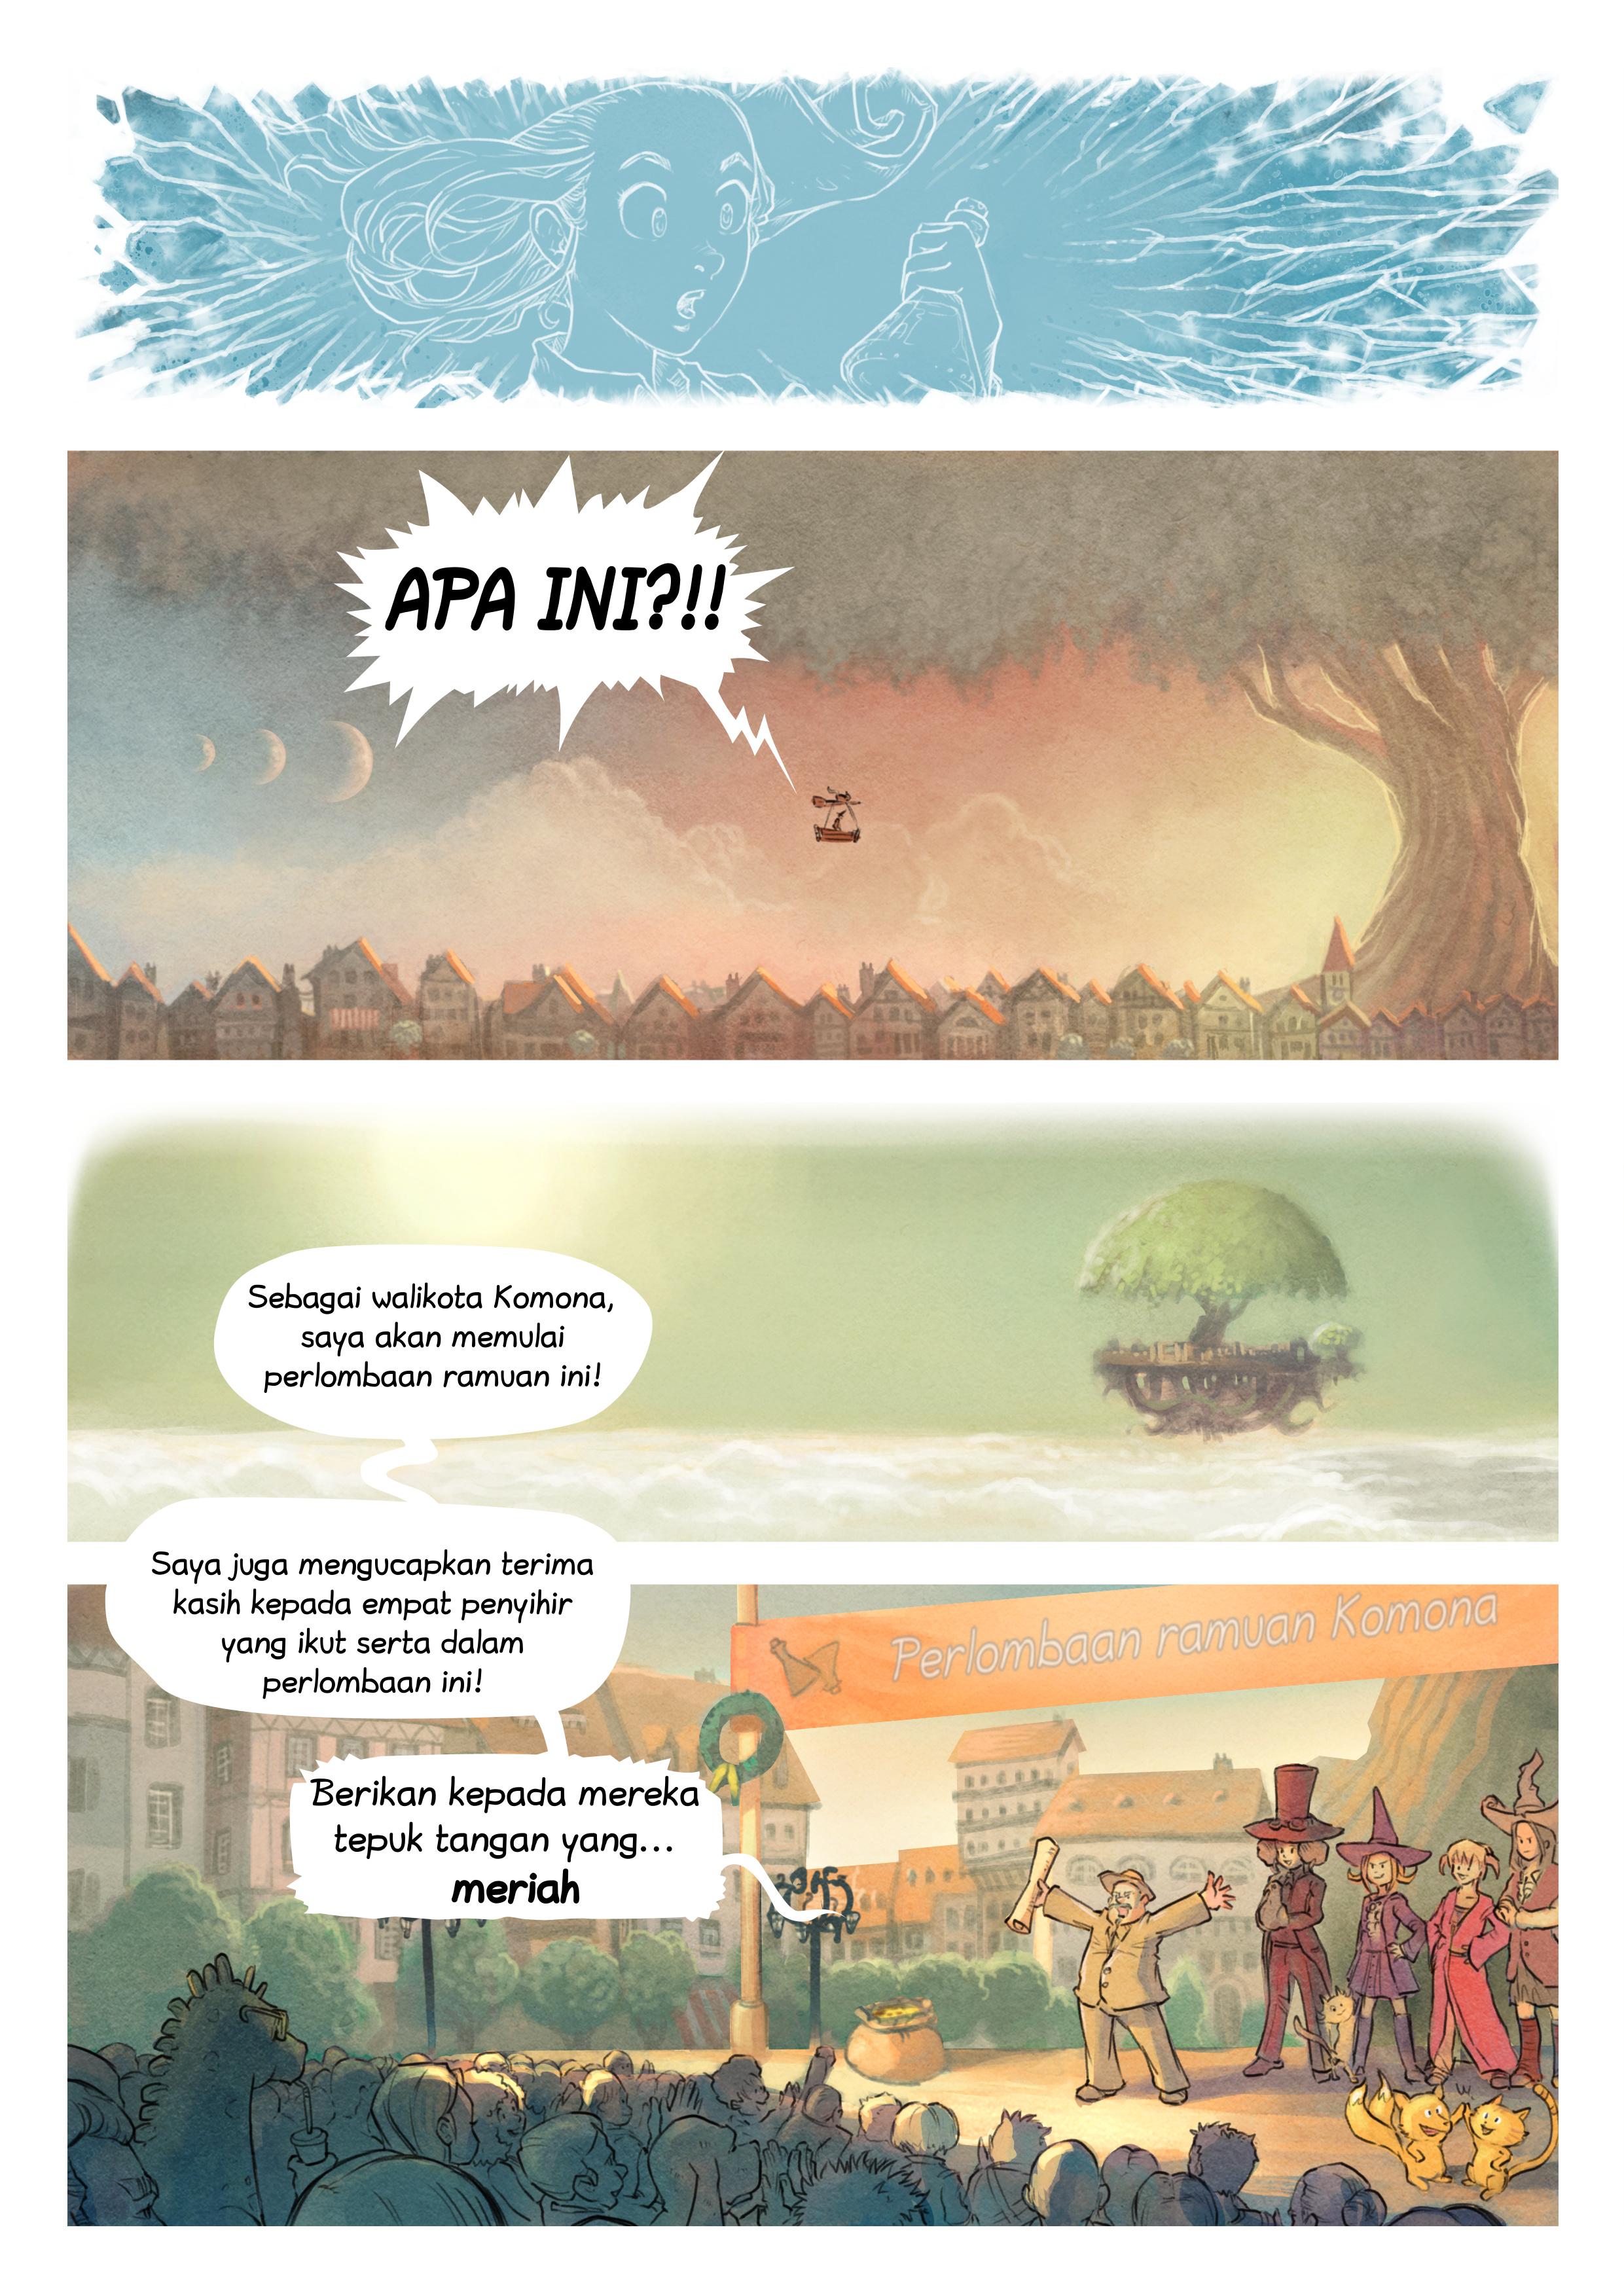 Episode 6: Perlombaan ramuan, Page 3